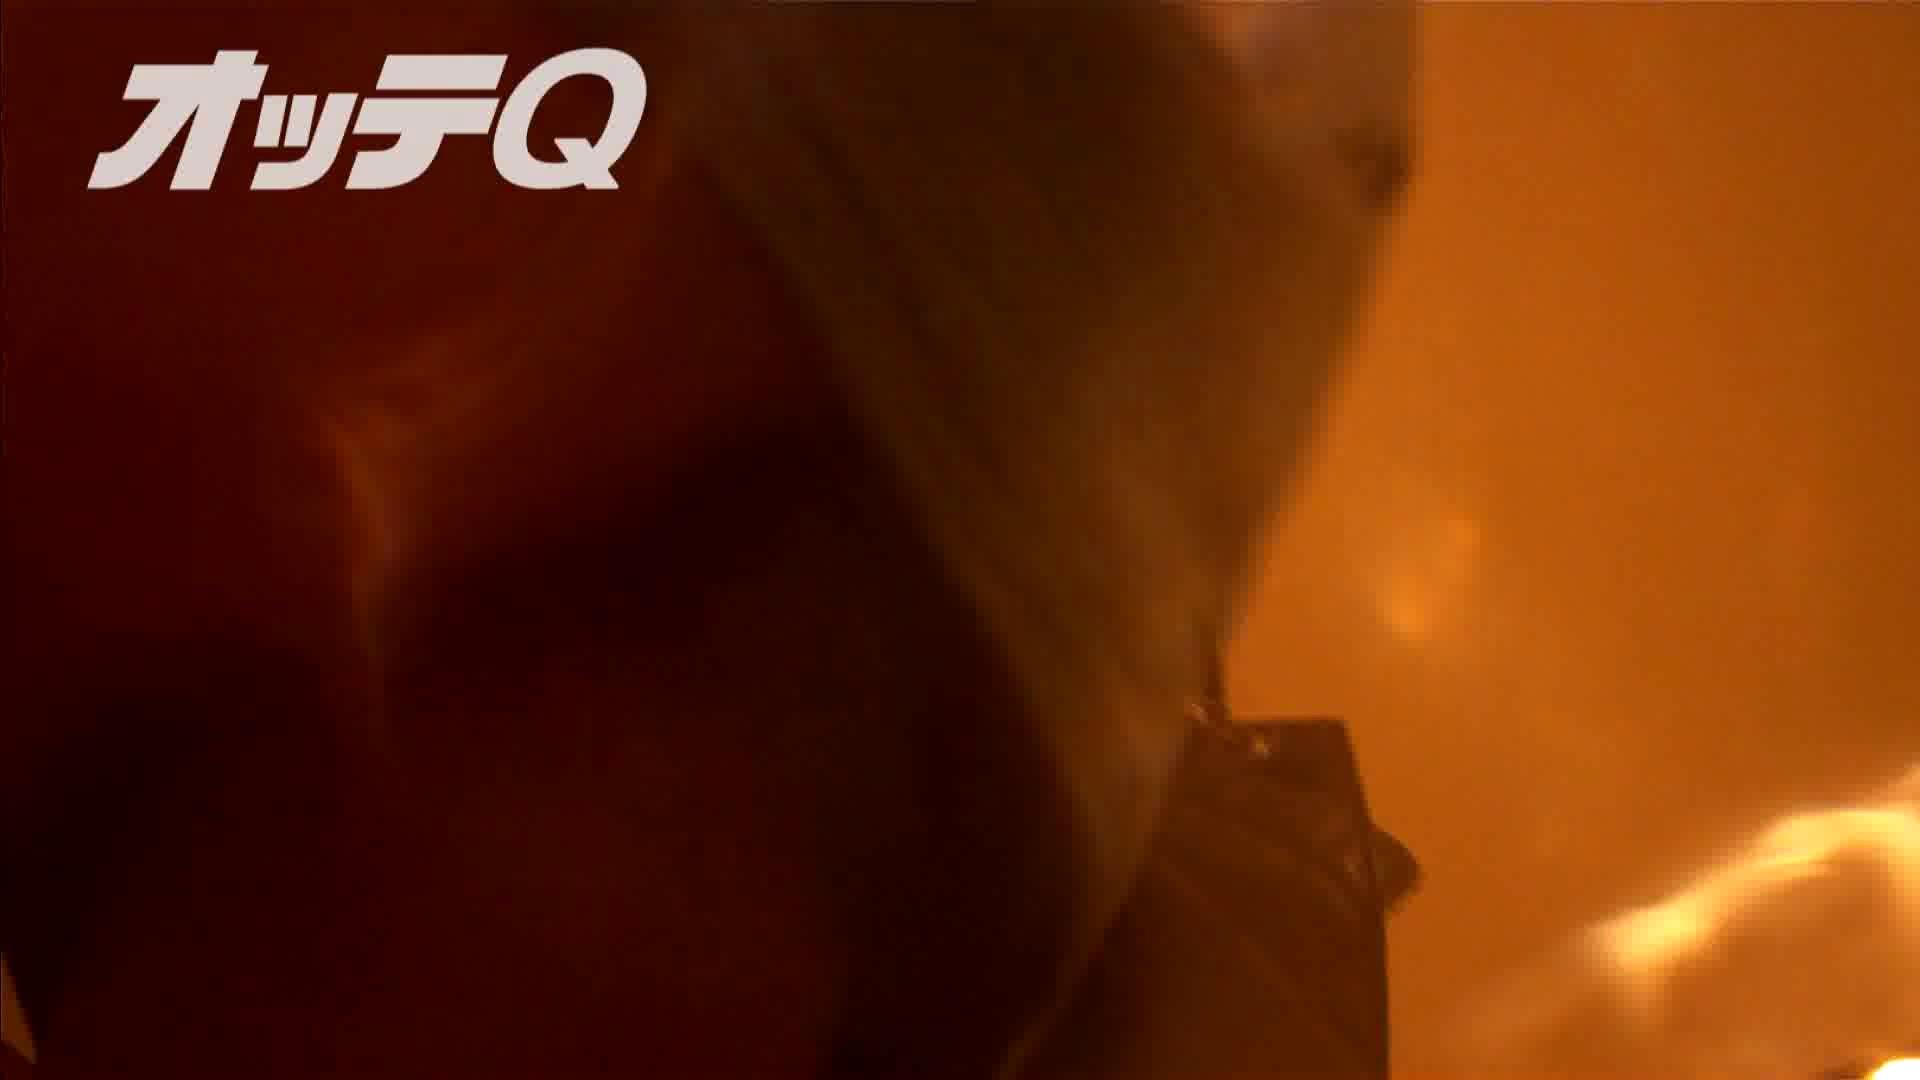 ハイビジョンパンチラ オッテQさんの追跡パンチラデパート編VOL.03 パンチラのぞき ワレメ動画紹介 109pic 6